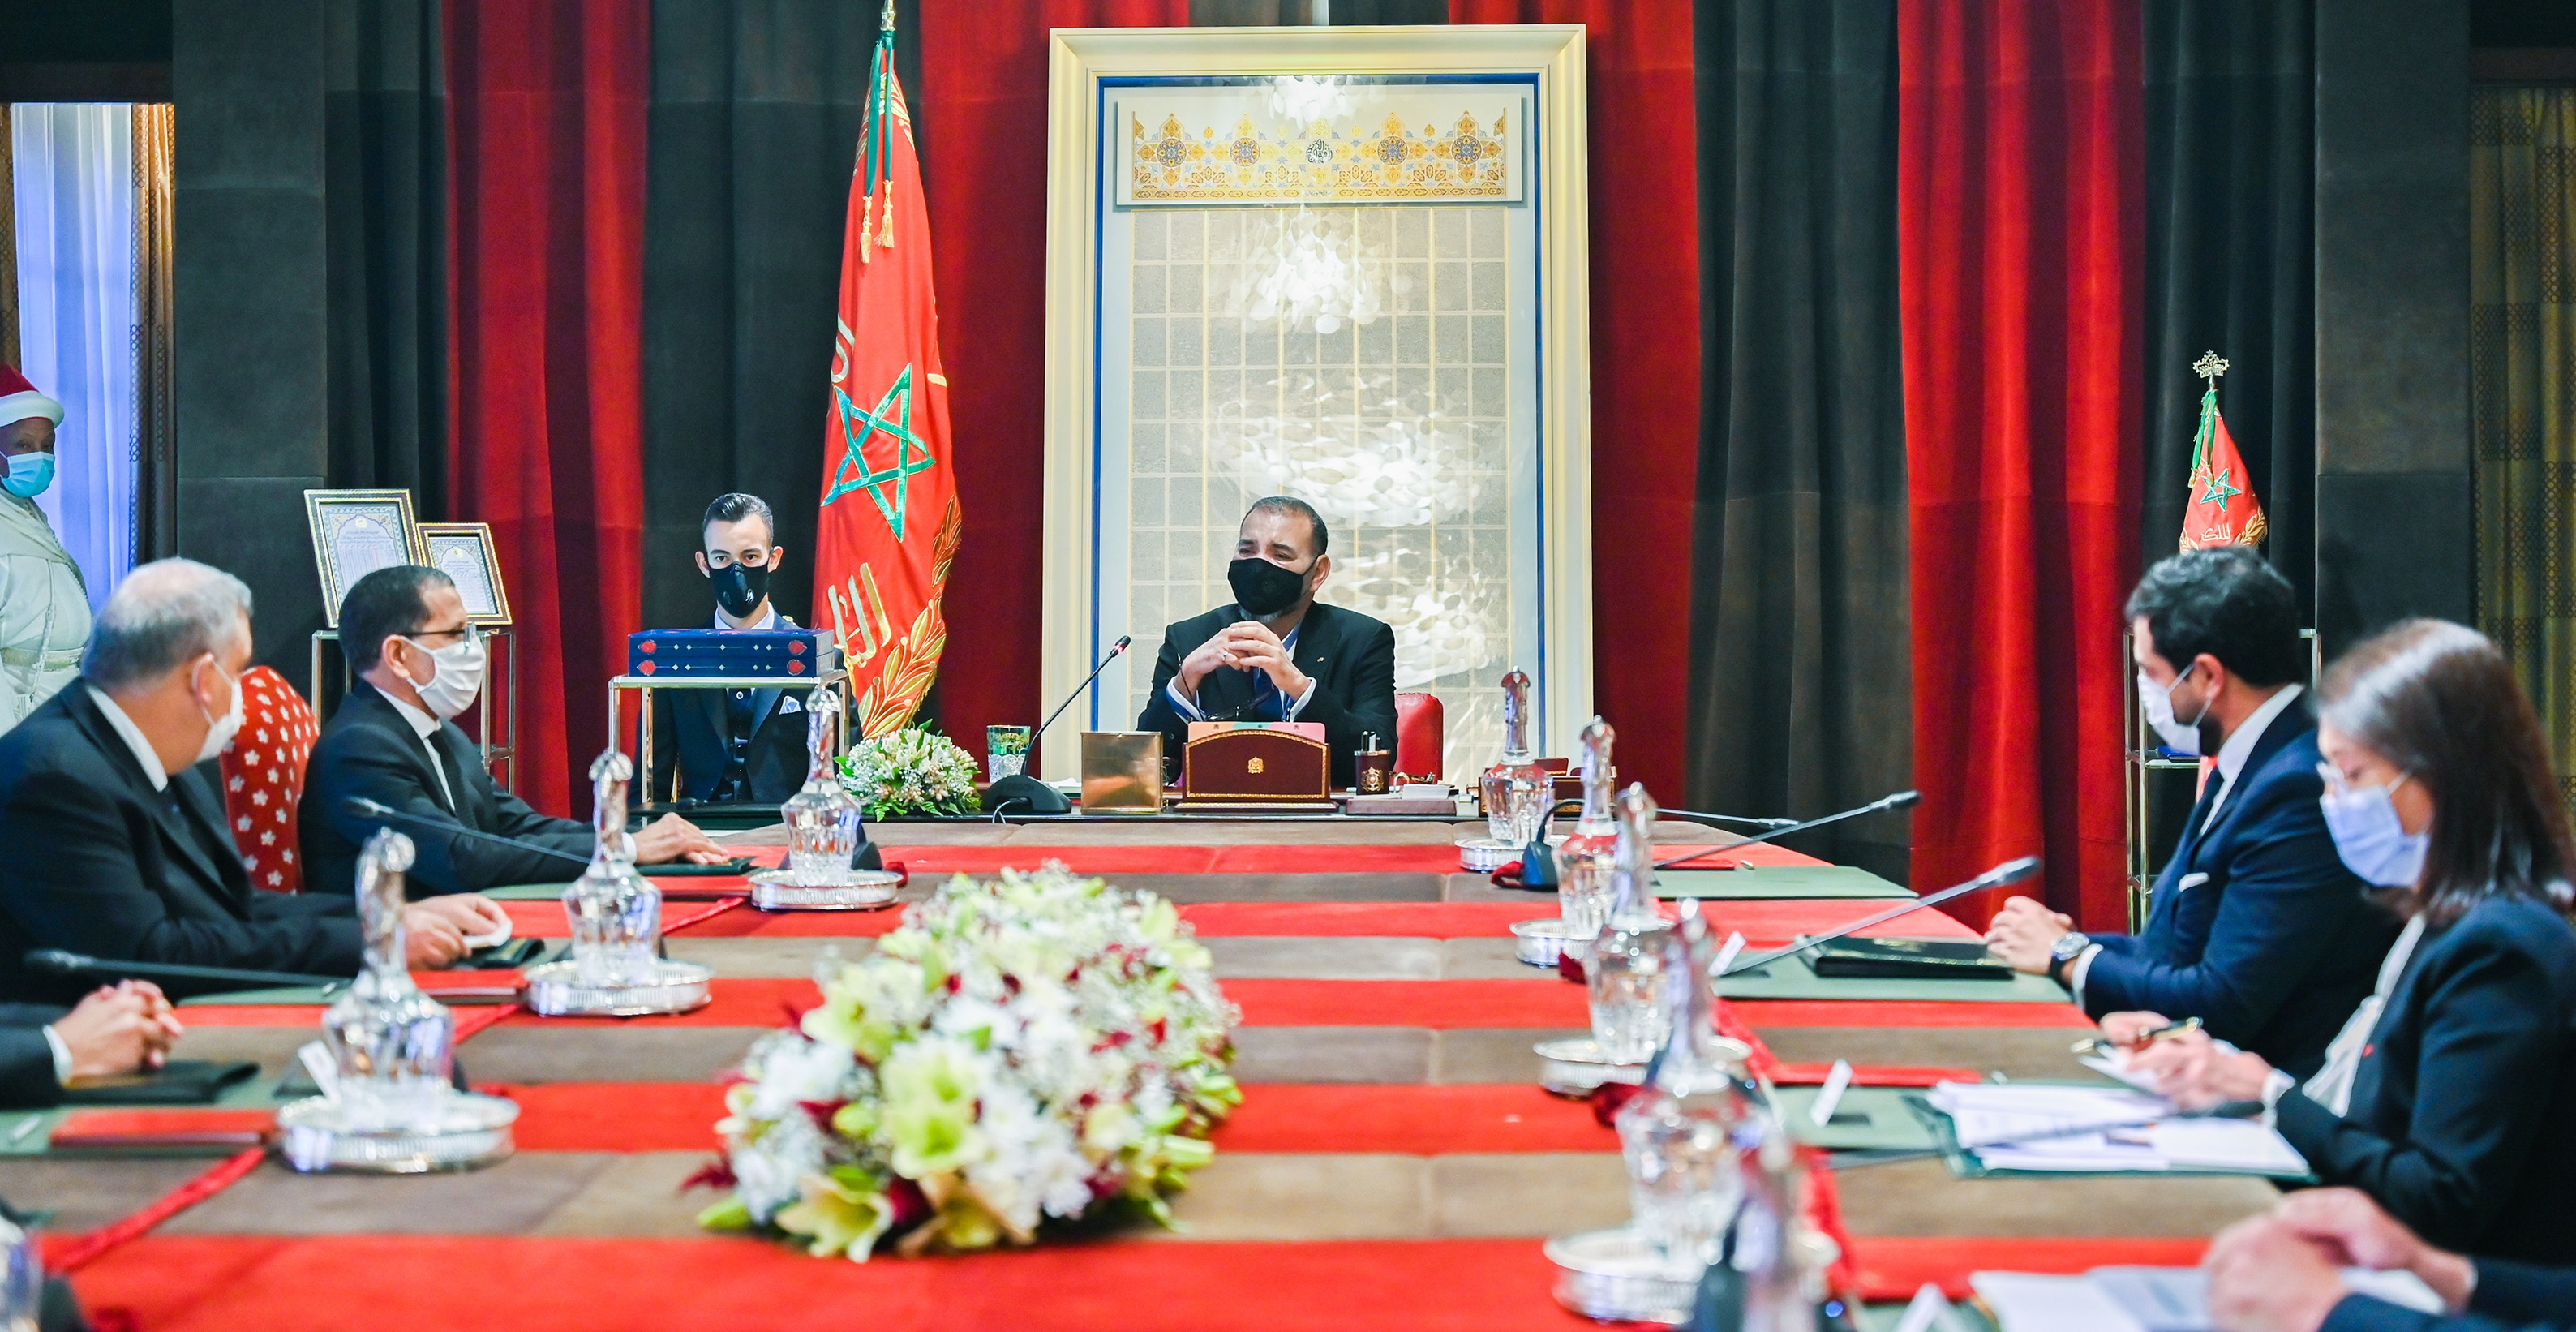 Sa Majesté le Roi, accompagné de S.A.R. le Prince Héritier Moulay El Hassan, préside une séance de travail dédiée à la stratégie des énergies renouvelables